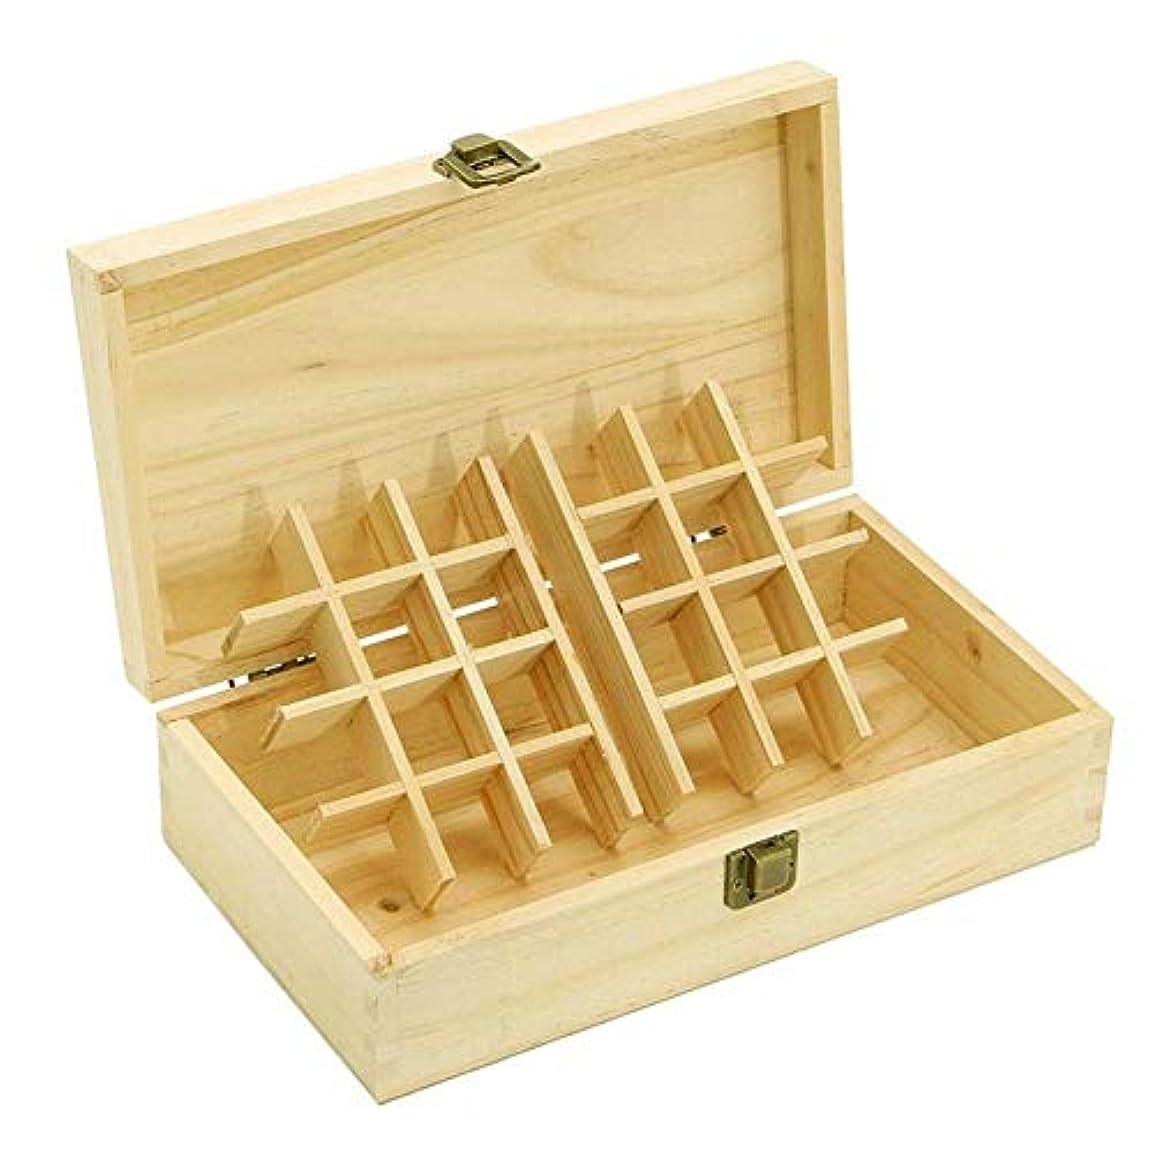 誰の多分適合するエッセンシャルオイル収納ボックス 純木の精油の収納箱 香水収納ケース アロマオイル収納ボックス